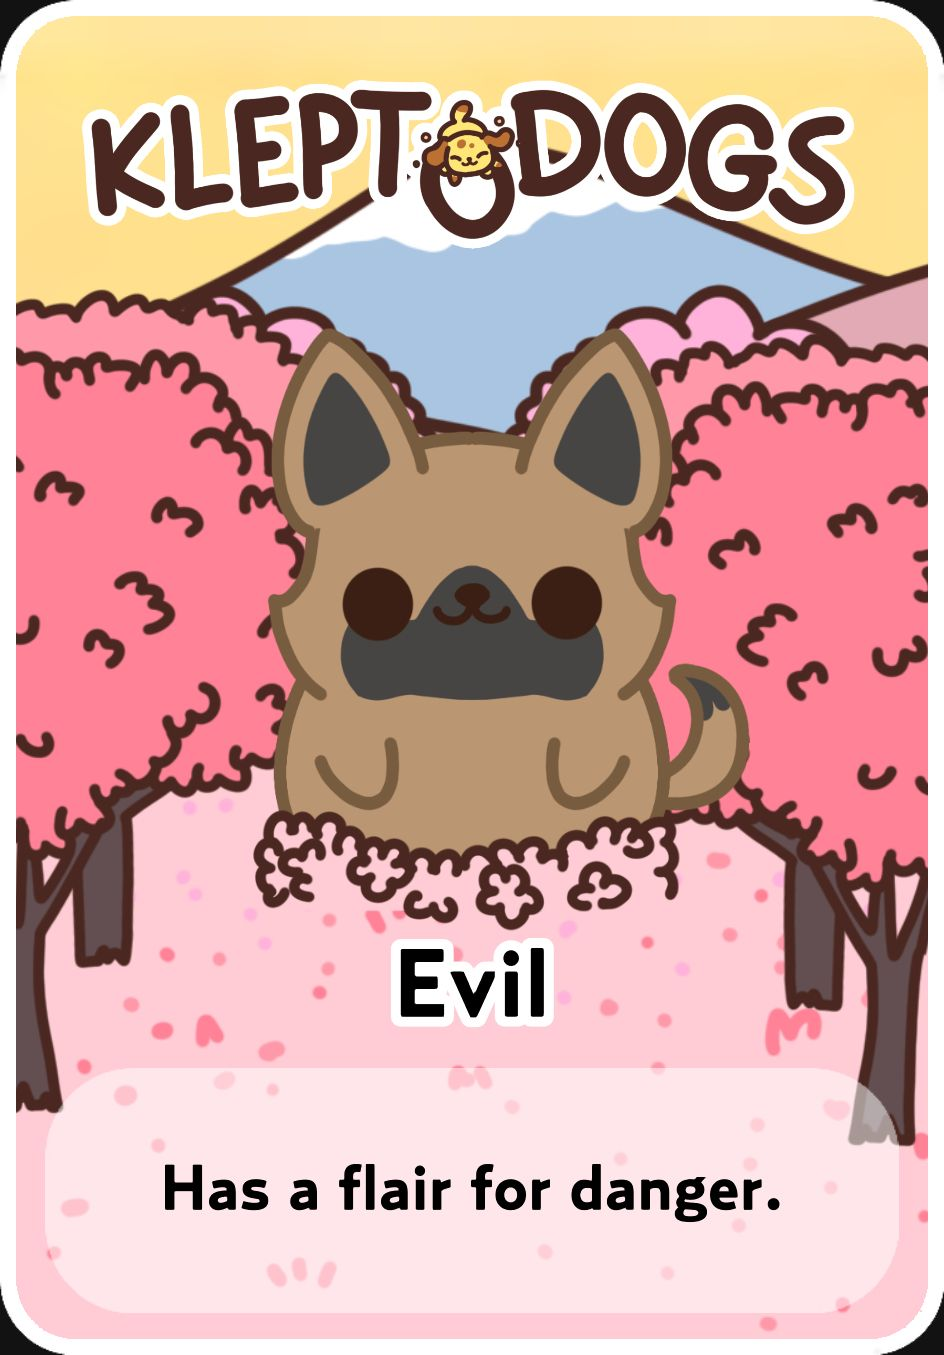 Bark bark bark bark kleptodogs hyperbeard httpwww